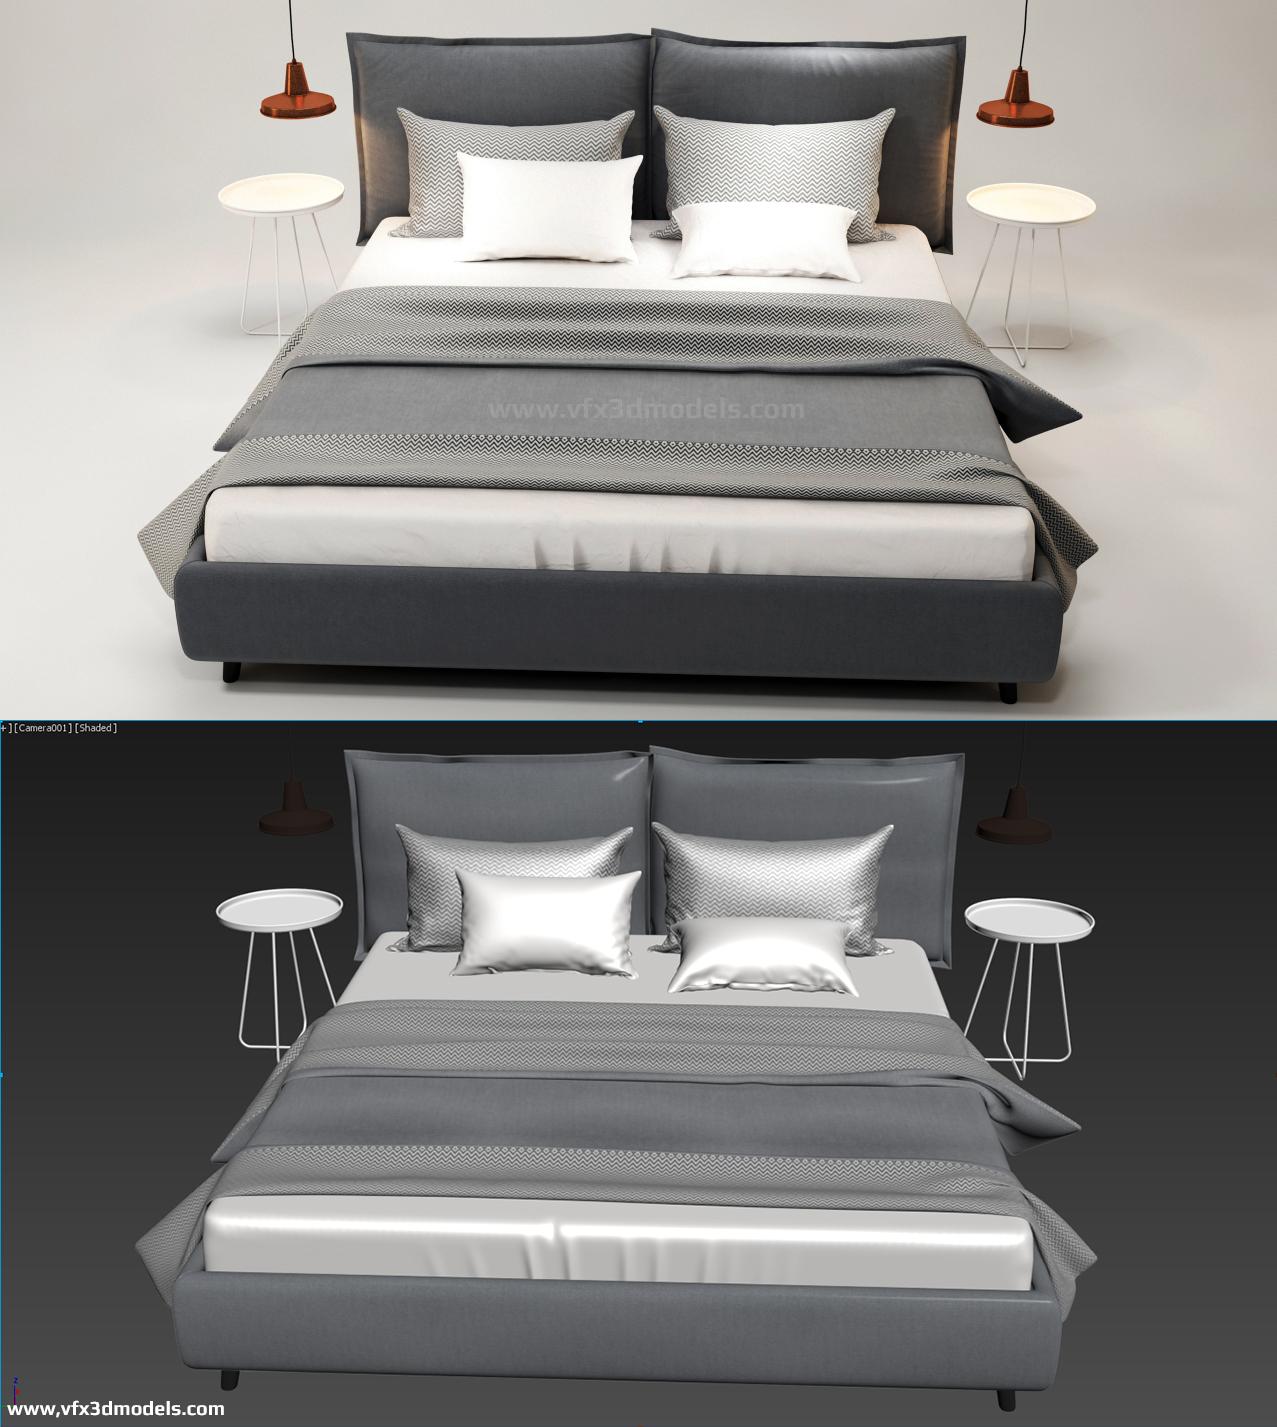 Vfx 3D Models : DOWNLOAD HQ BED 3D MODEL FREE